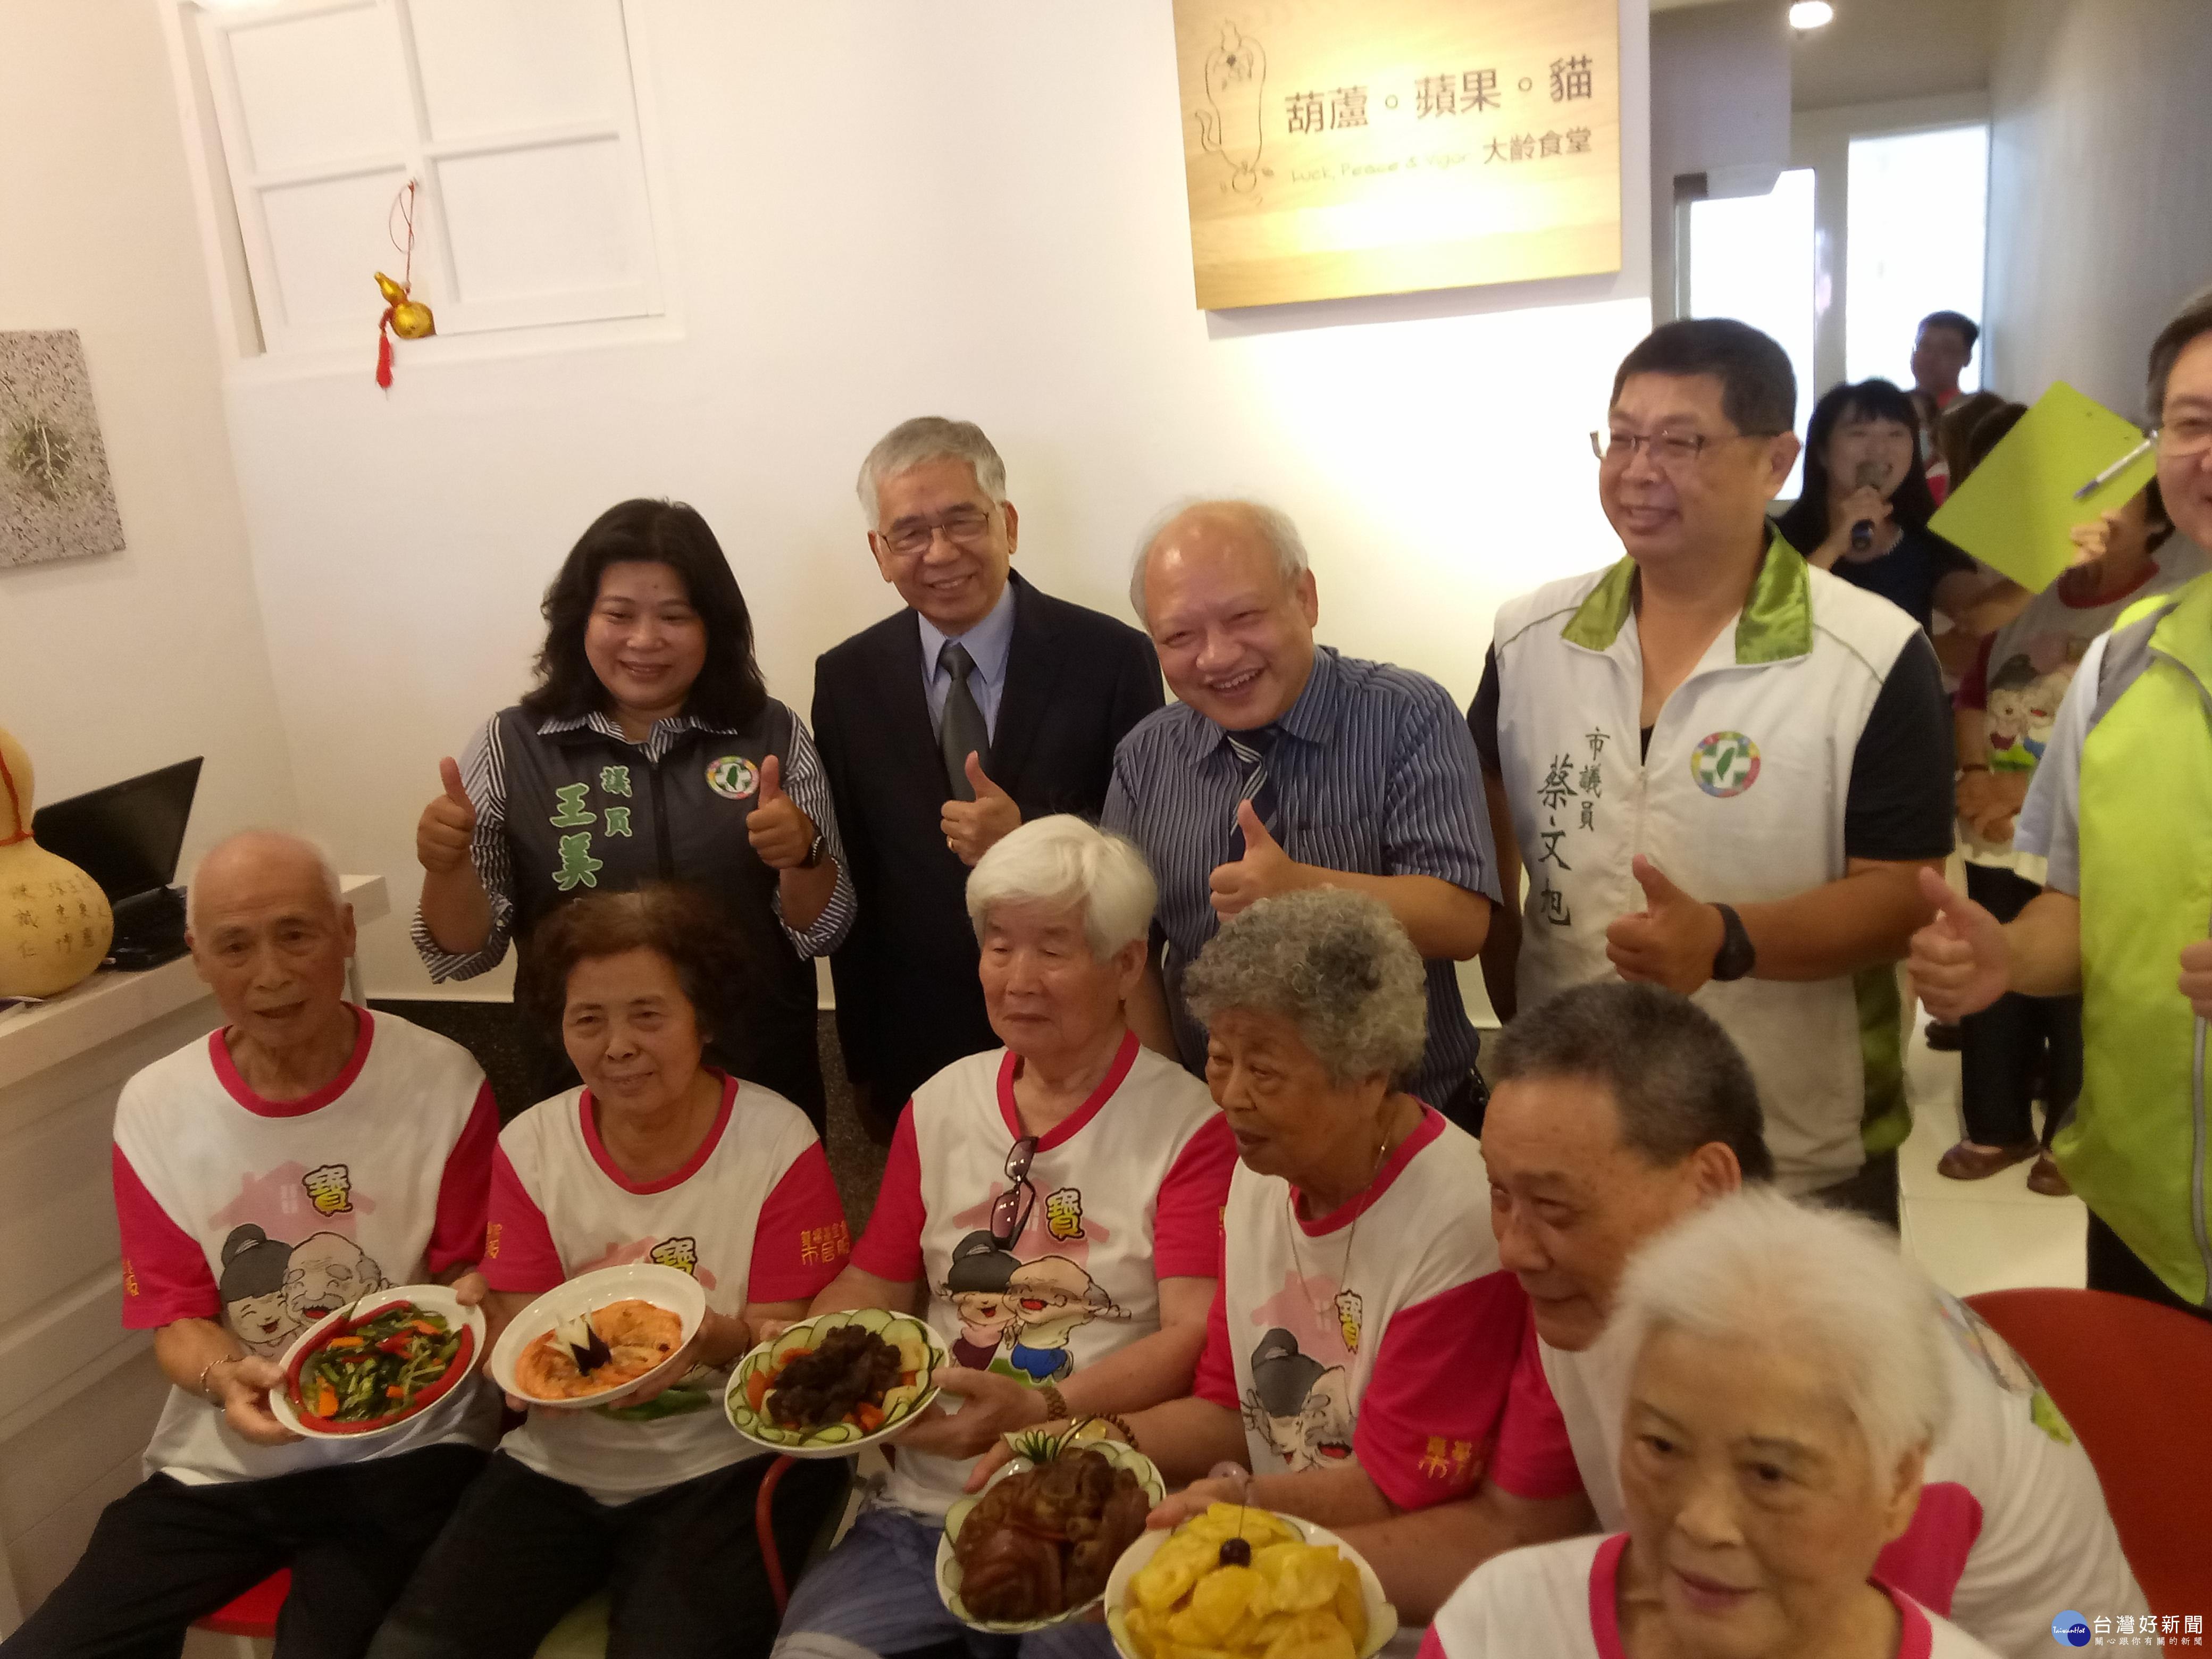 全國首家大齡食堂開賣 爺奶擔任廚師和服務人員